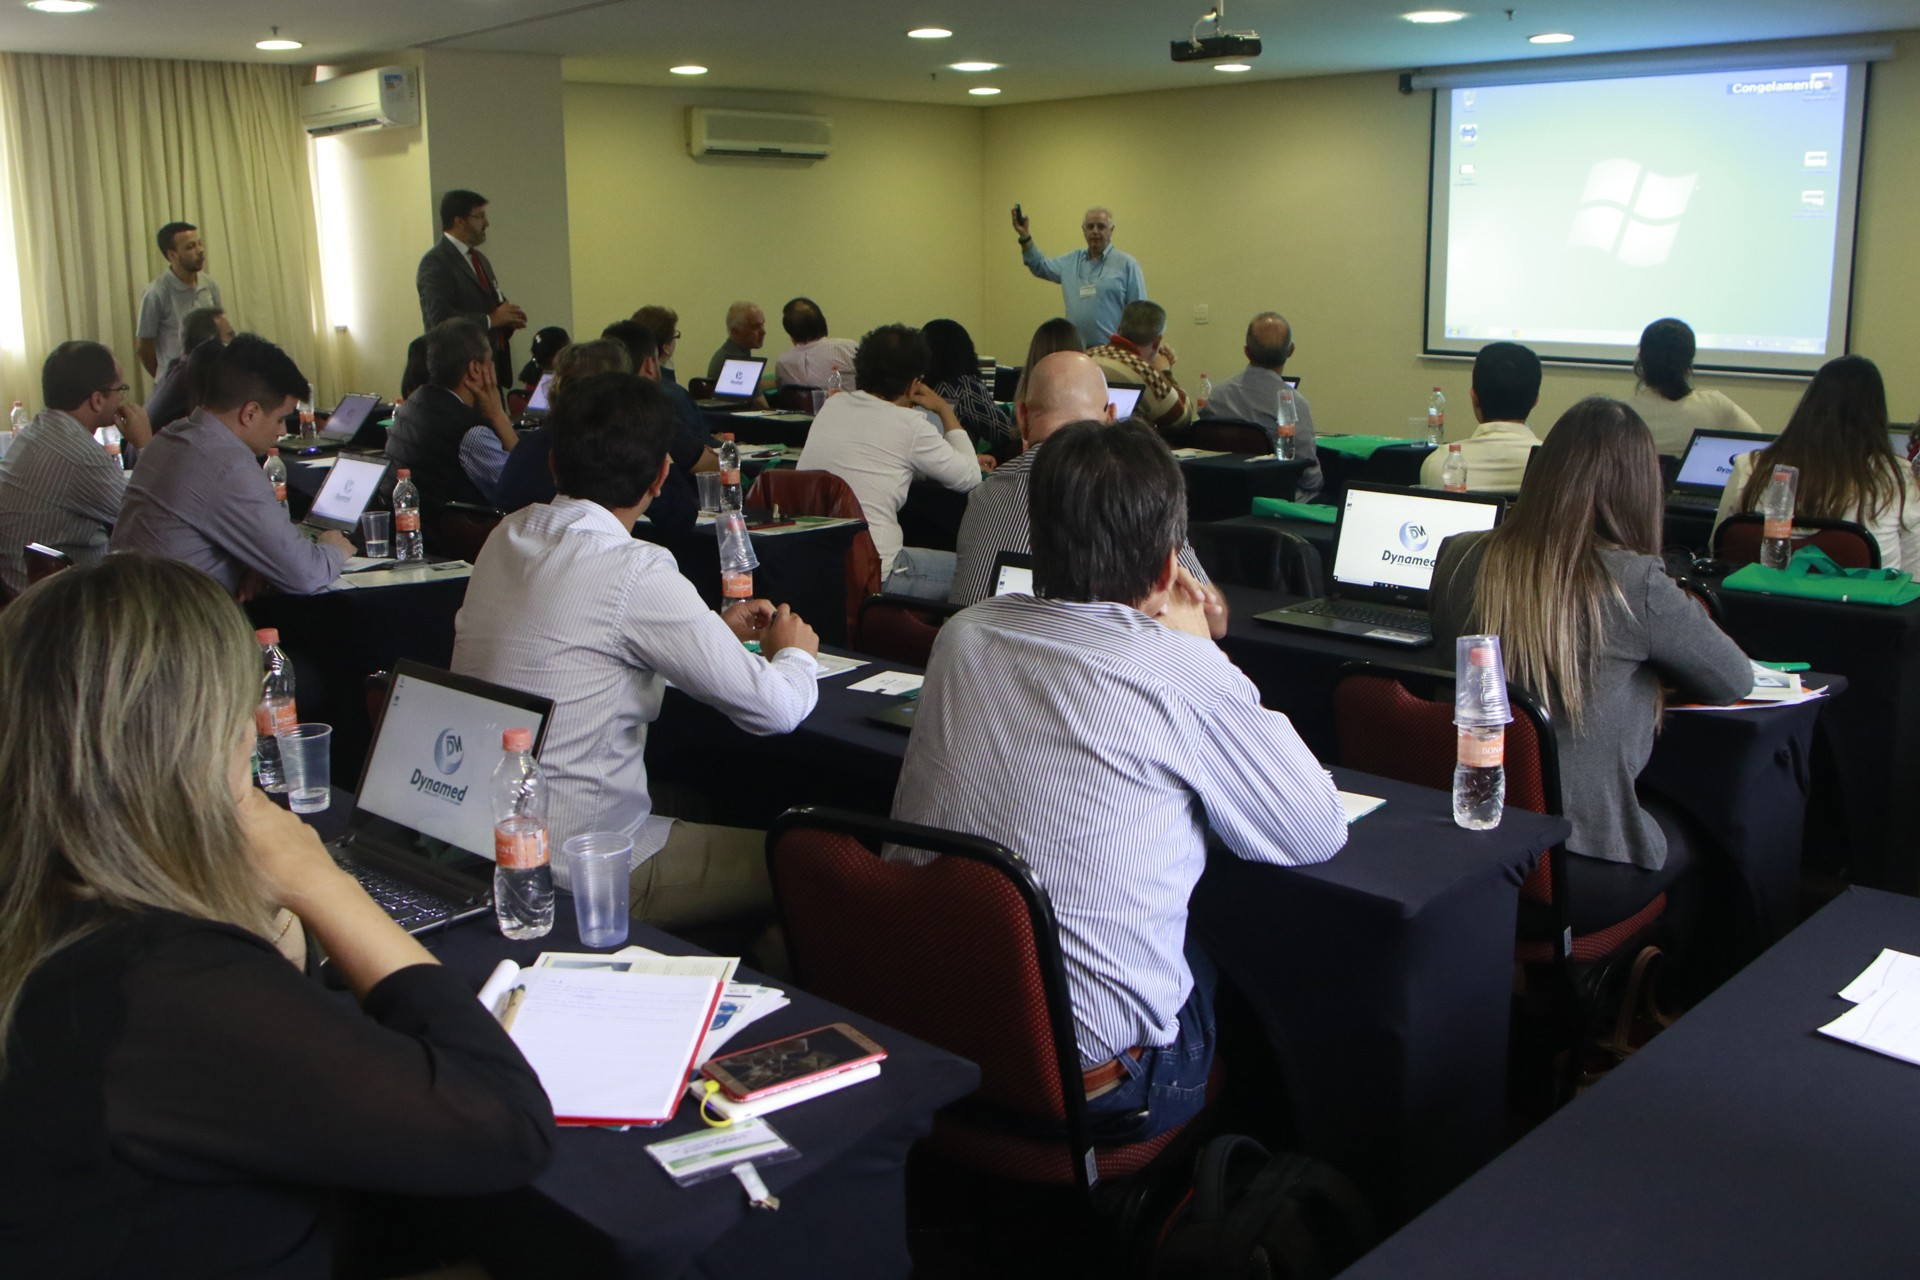 Dr. Ricardo Palmero ministrando aula.